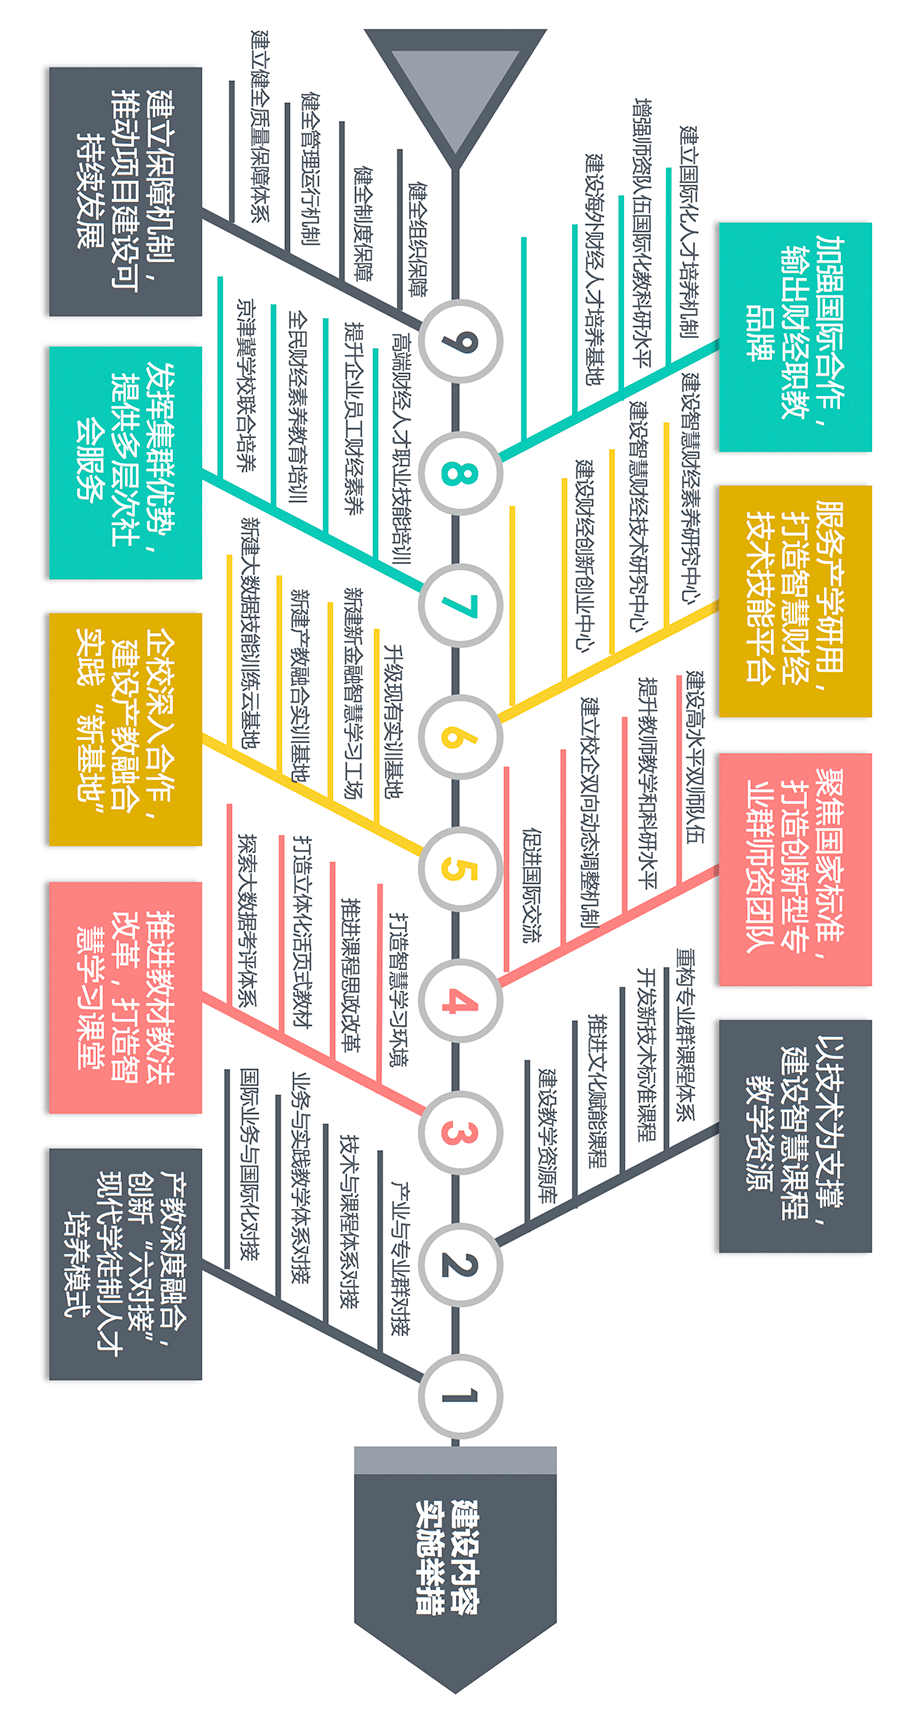 九个方面的建设任务!读一幅图,了解财经专业